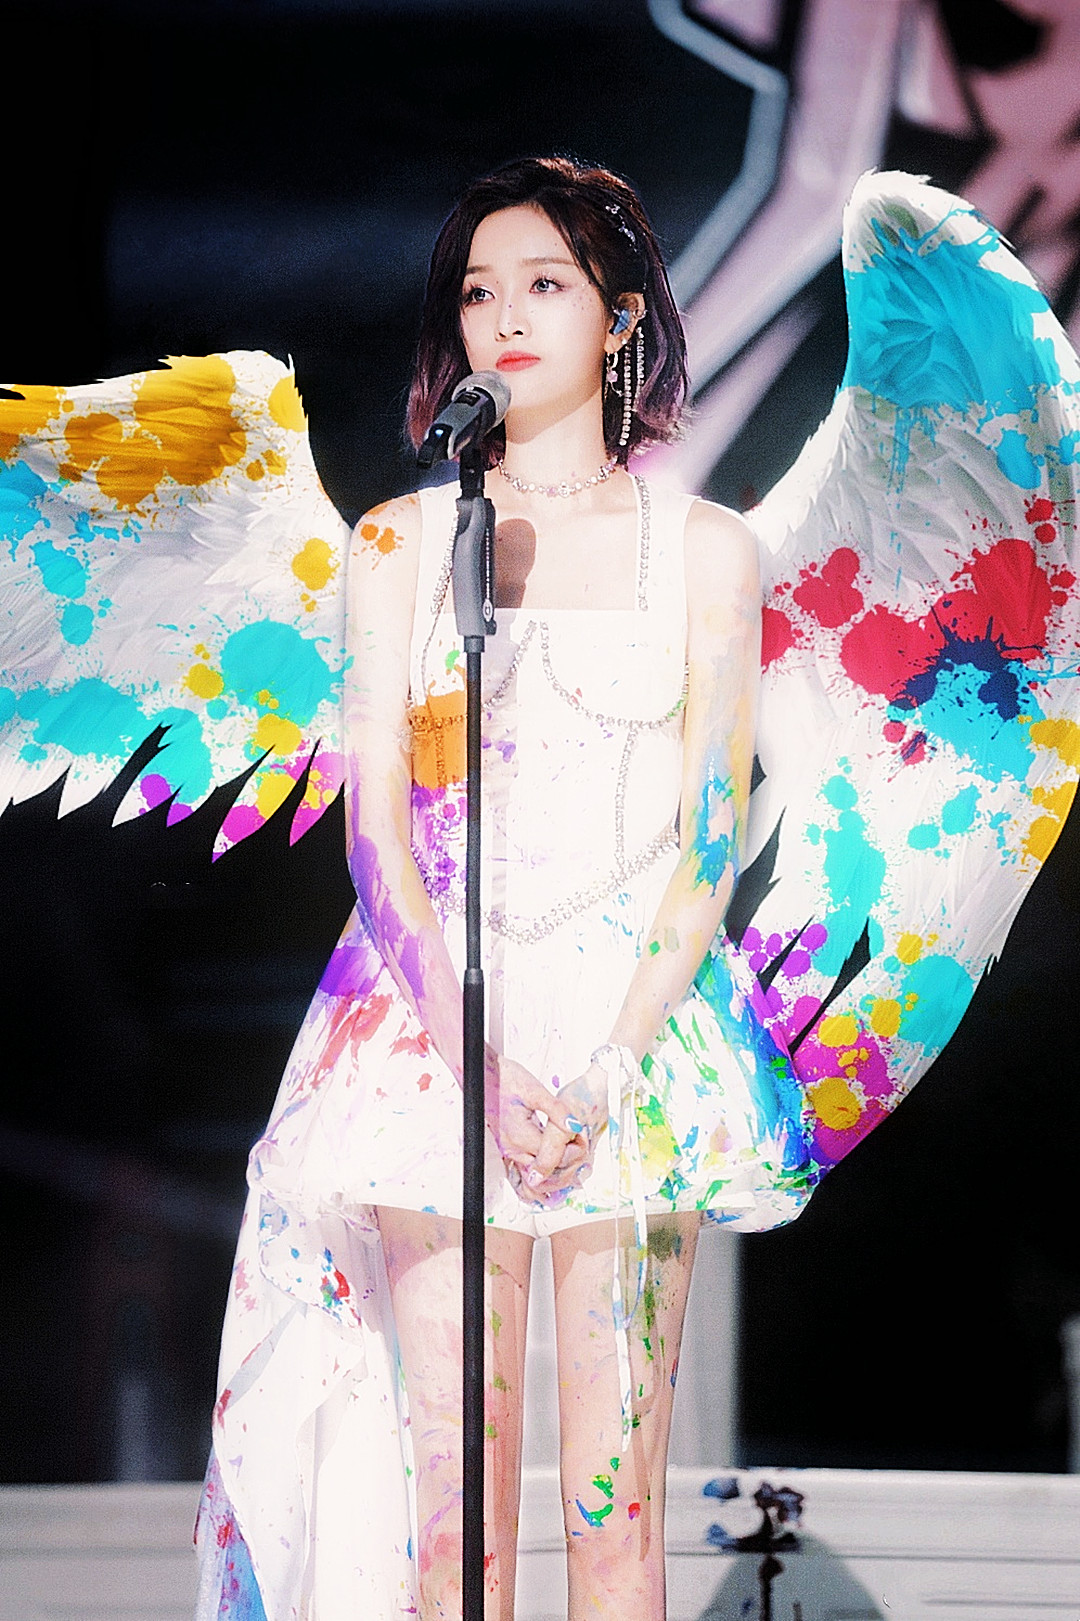 吴宣仪周洁琼泼墨舞台,赤脚双花好美,惊艳的表现却遭淘汰